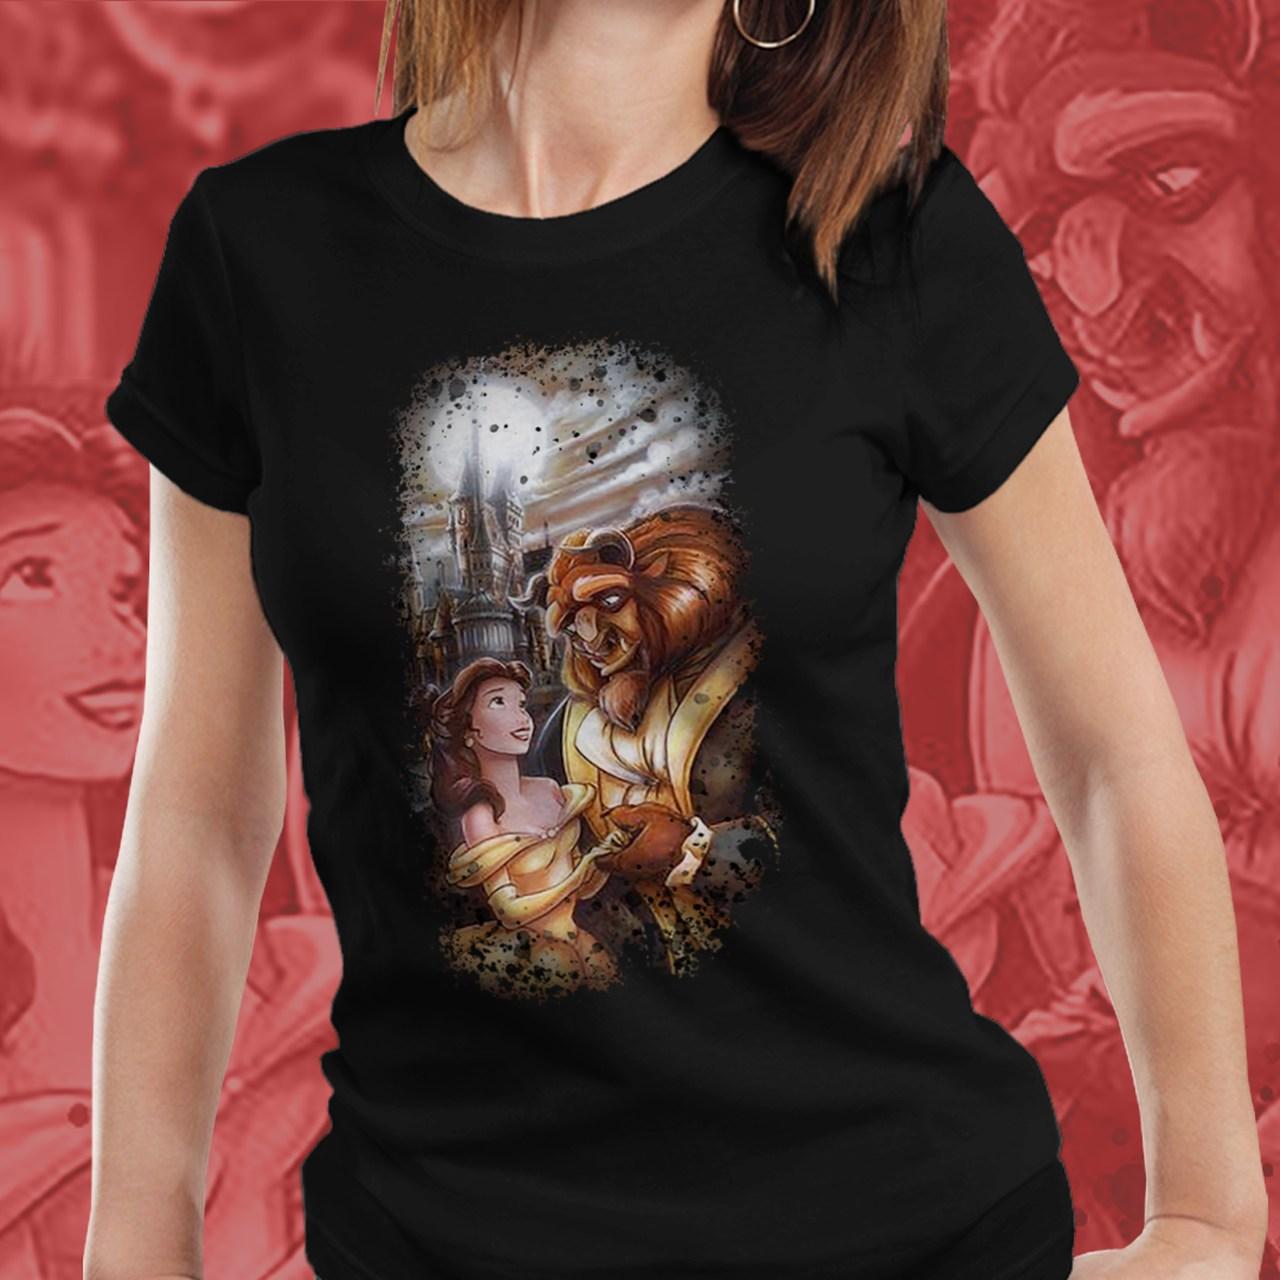 Camiseta Feminina A Bela e a Fera - Disney (Preto) - EV